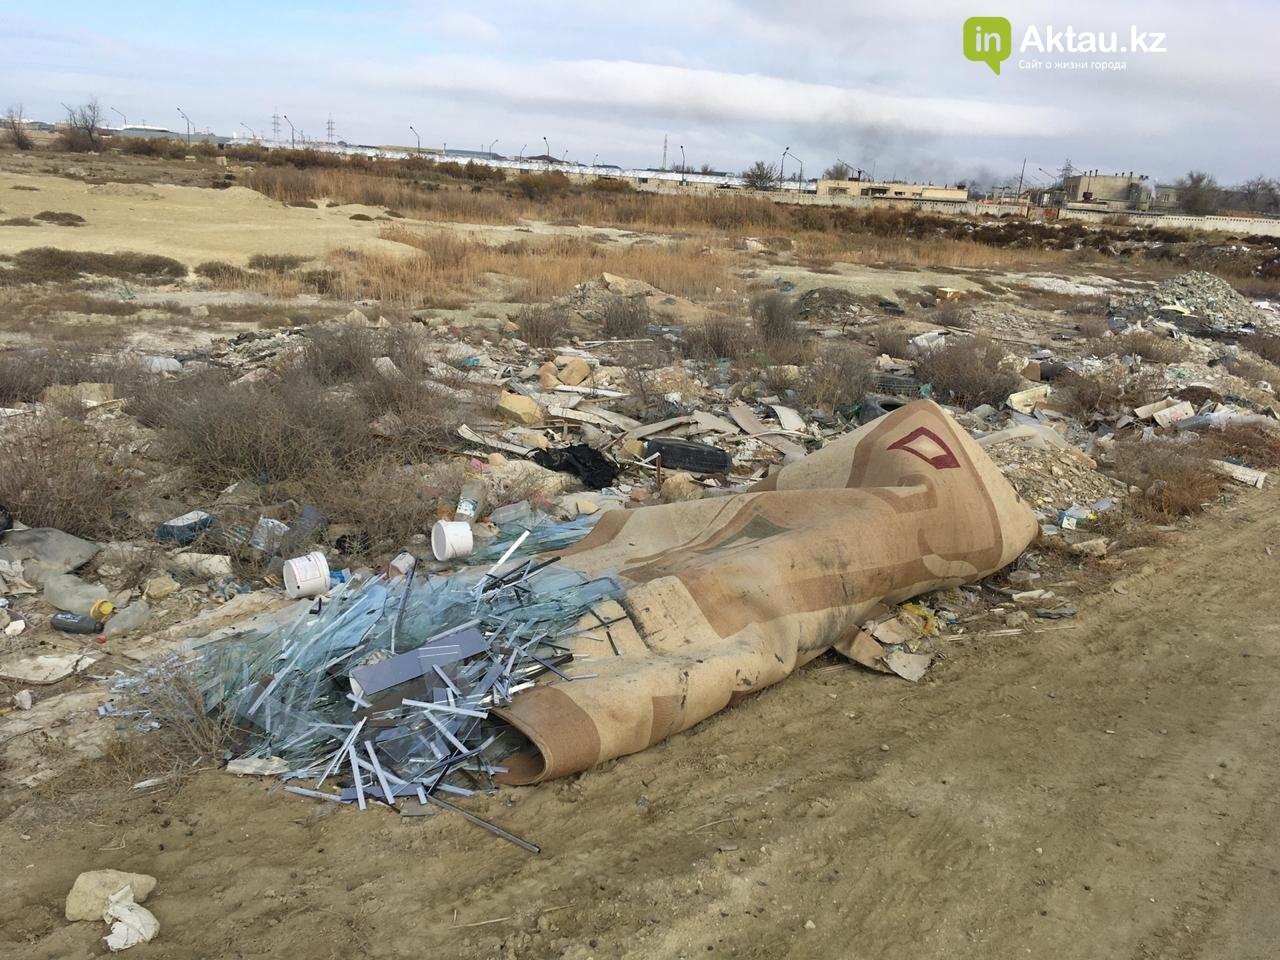 В Актау и окрестностях обнаружили 194 стихийные свалки, фото-2